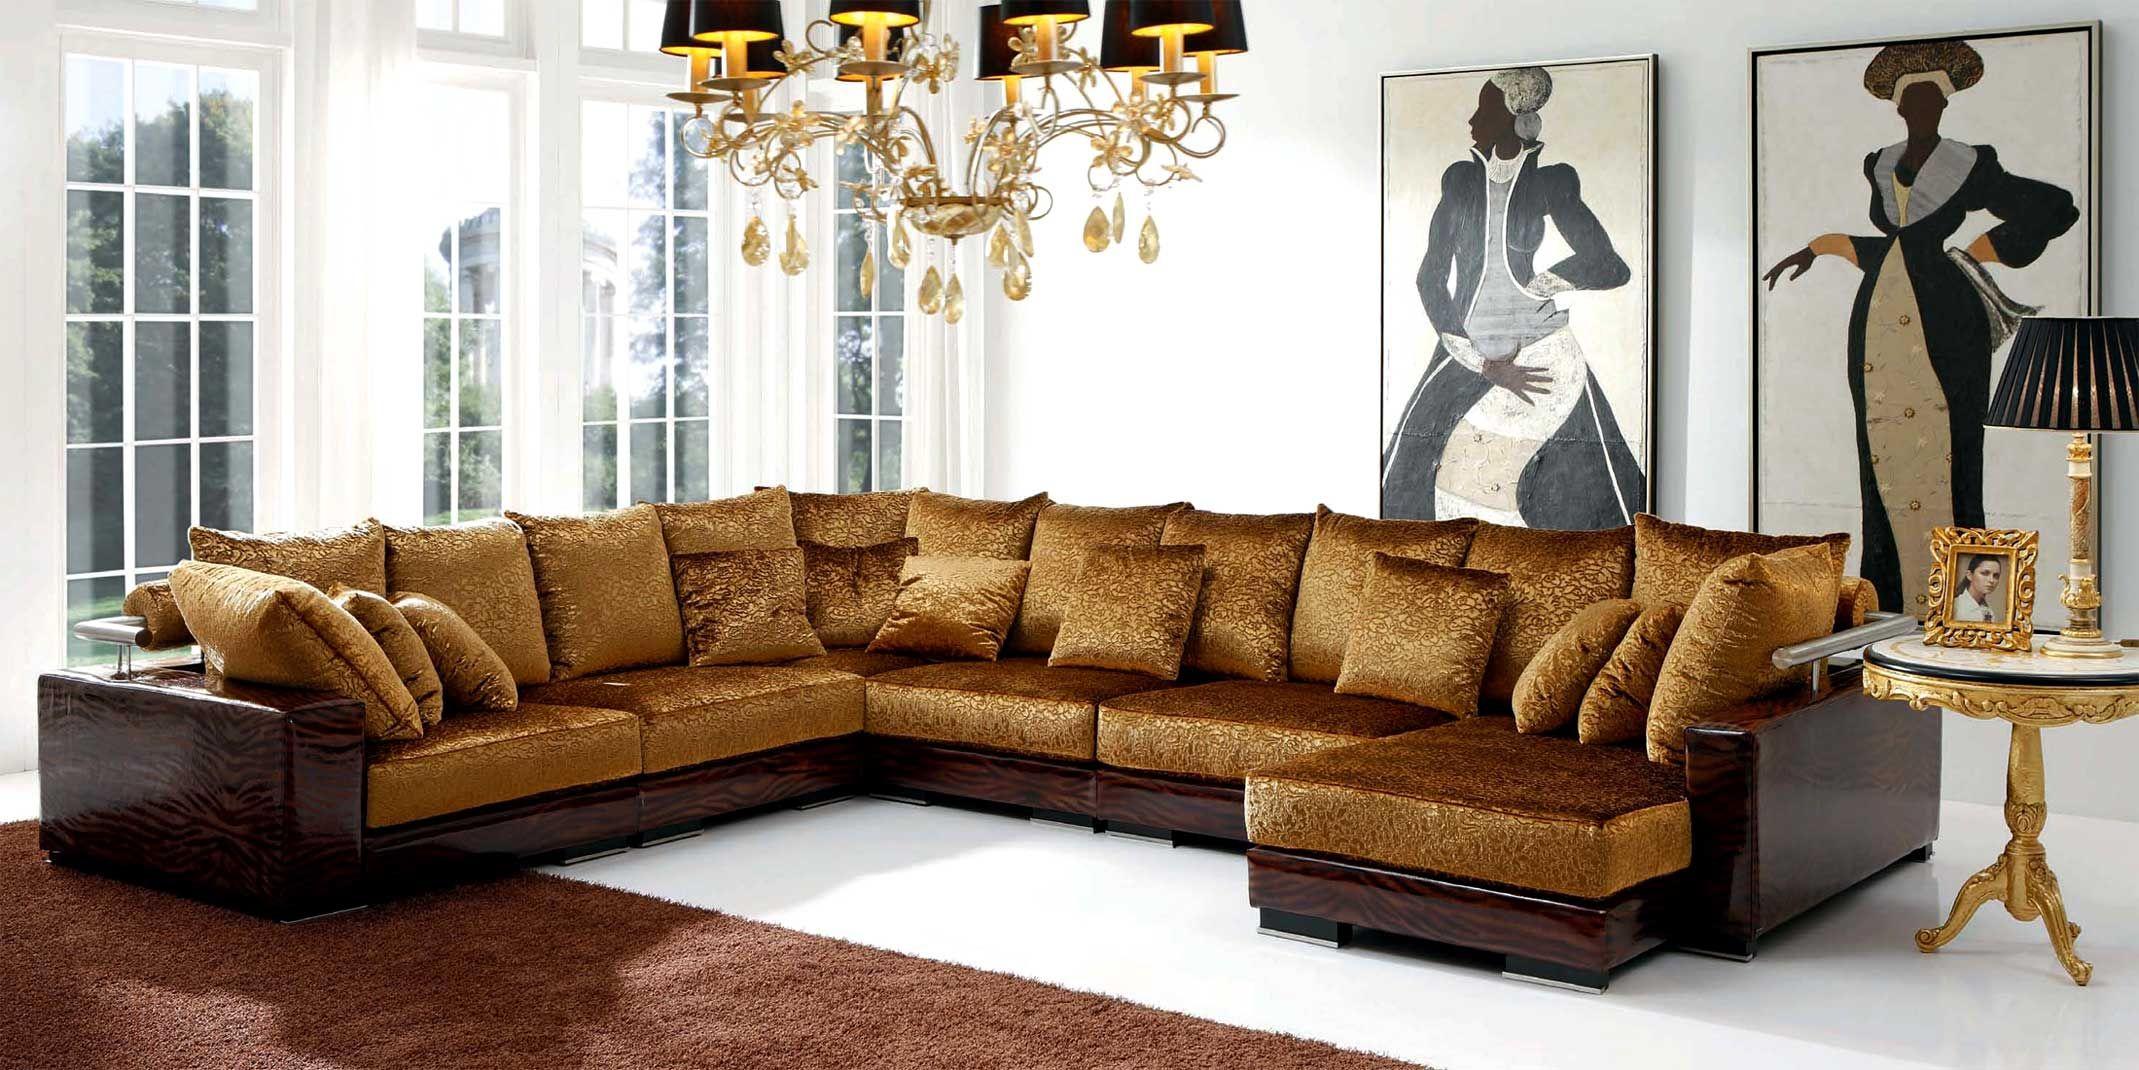 Top 10 Sofas To Improve Your Interior Design Luxury Italian Furniture Sofa Design Luxury Sofa